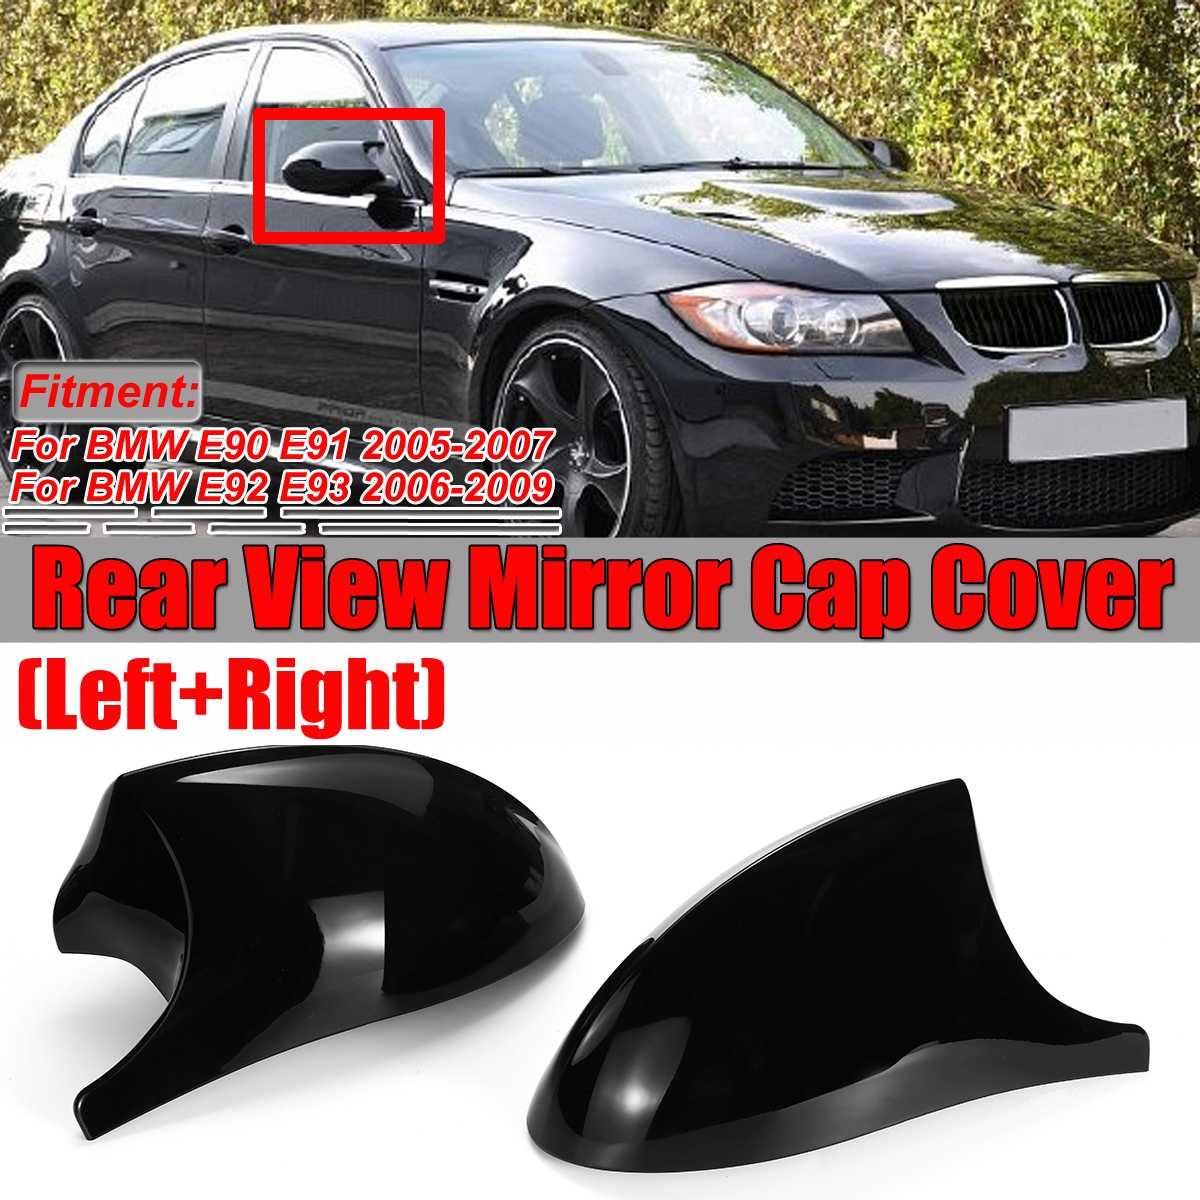 2x gerçek karbon Fiber/ABS ayna kapağı E90 araç yan dikiz yan ayna kapağı kapağı BMW E90 E91 E92 E93 m3 stil E80 E81 E87